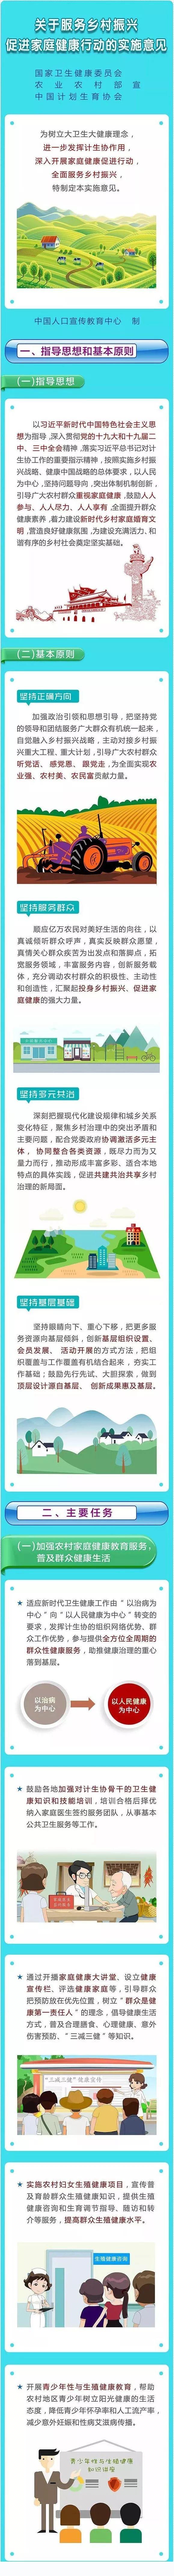 一图读懂《关于服务乡村振兴 促进家庭健康行动的实施意见》